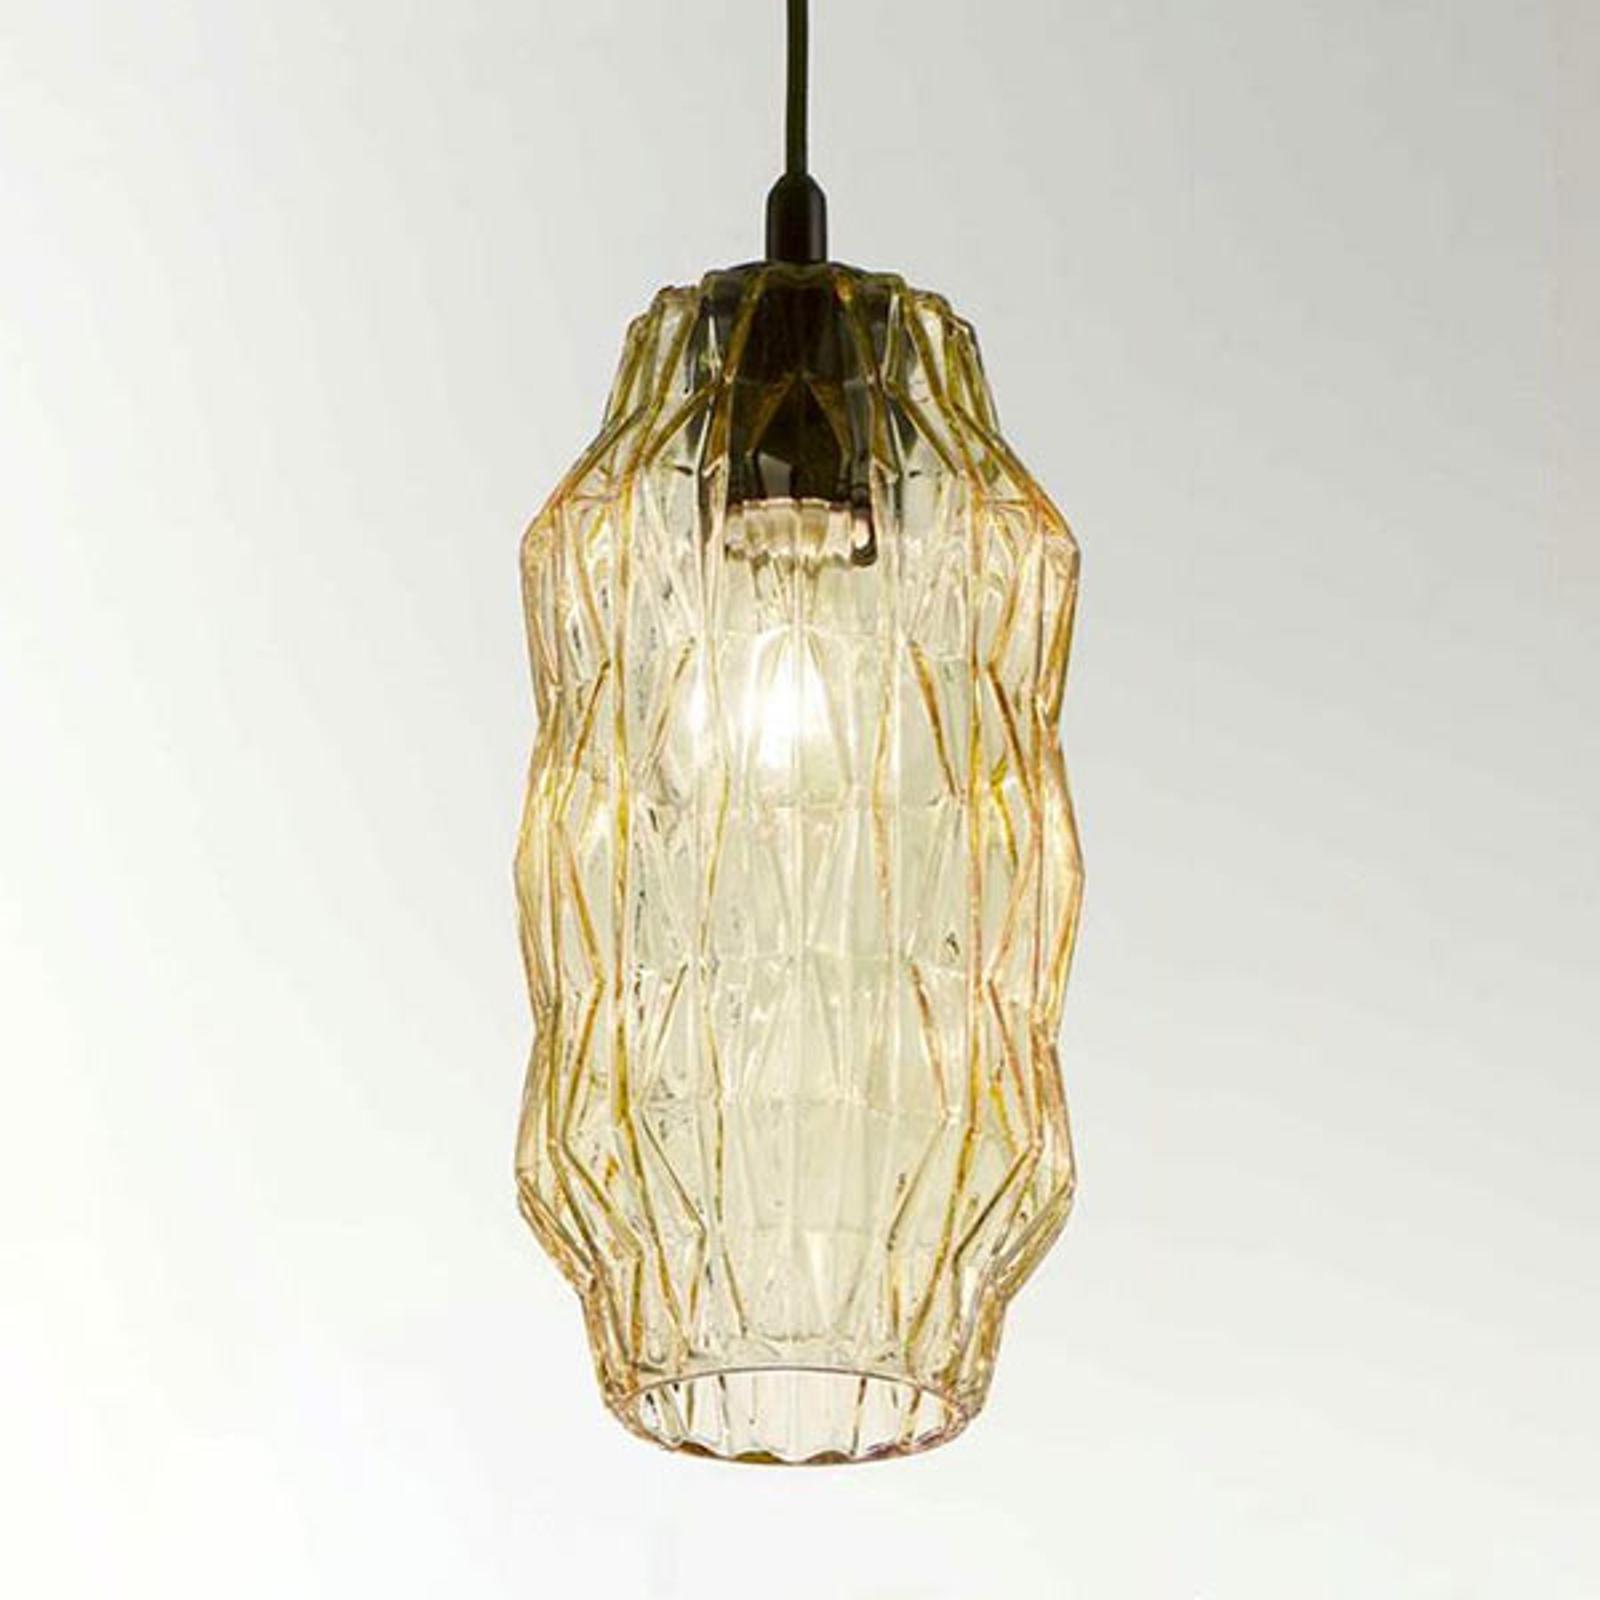 Lampa wisząca Origami ze szkła, bursztynowa